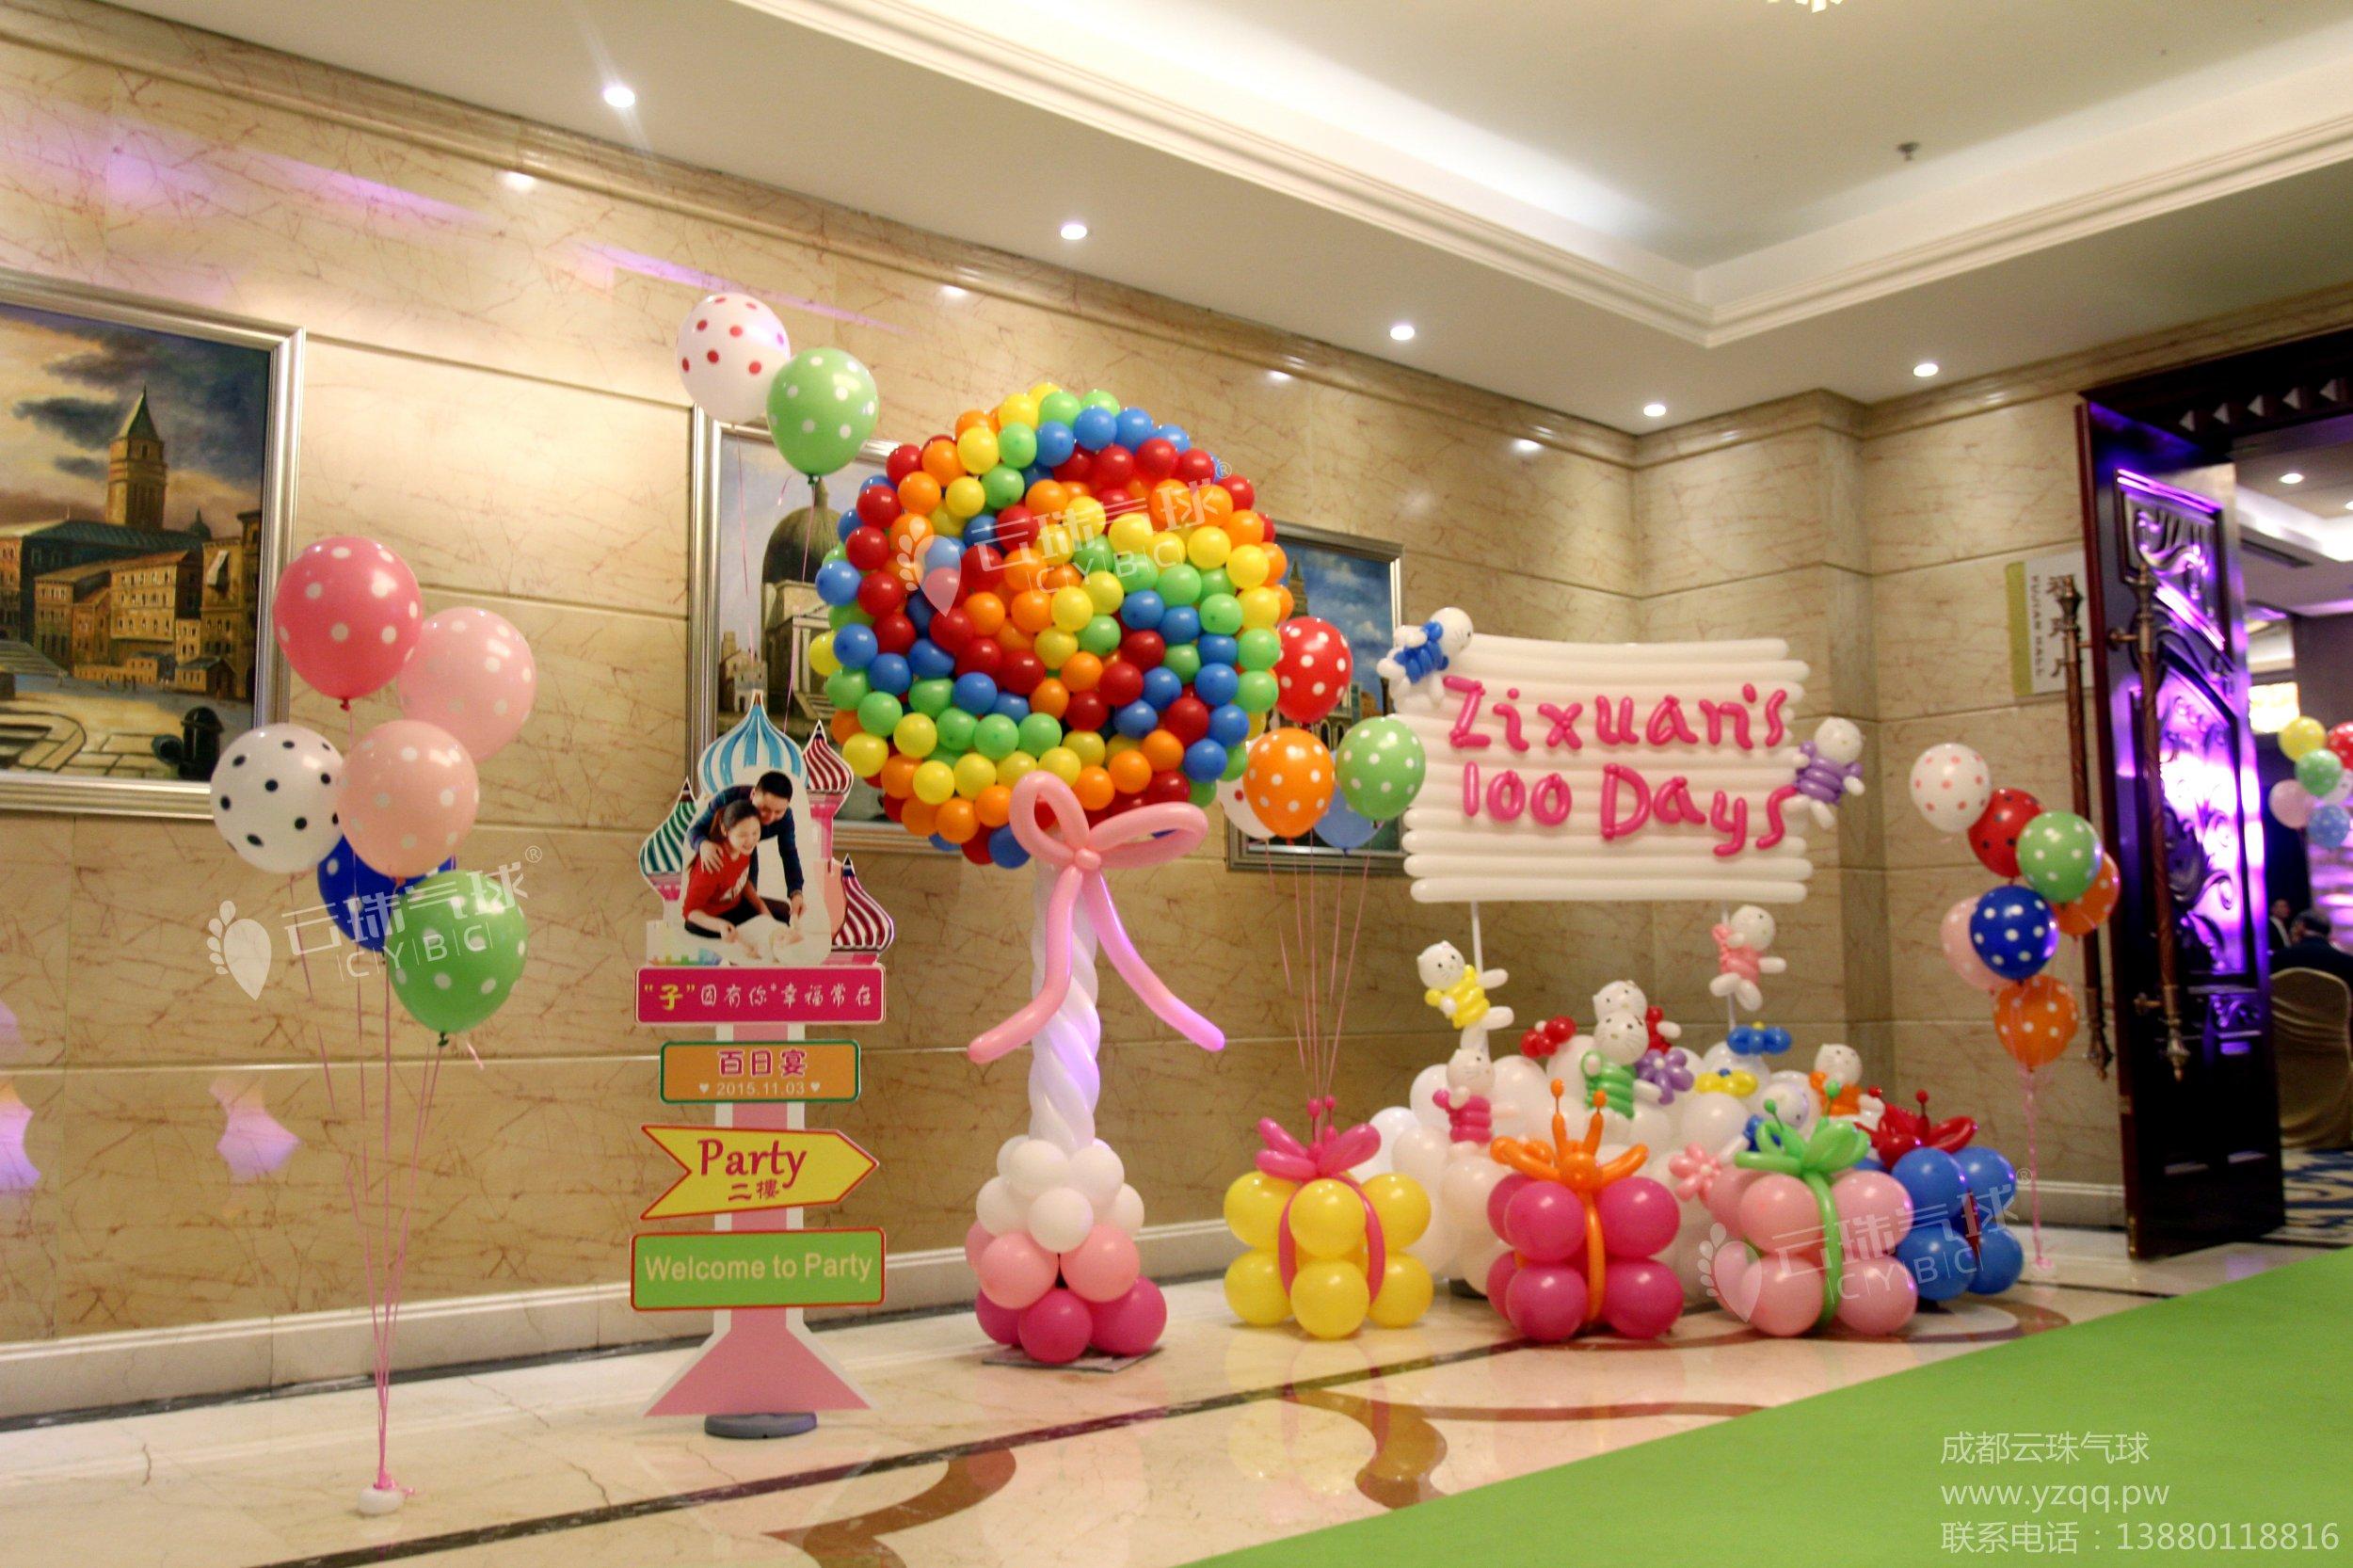 供应签到台气球装饰/气球签到台/气球百日宴/成都气球装饰公司